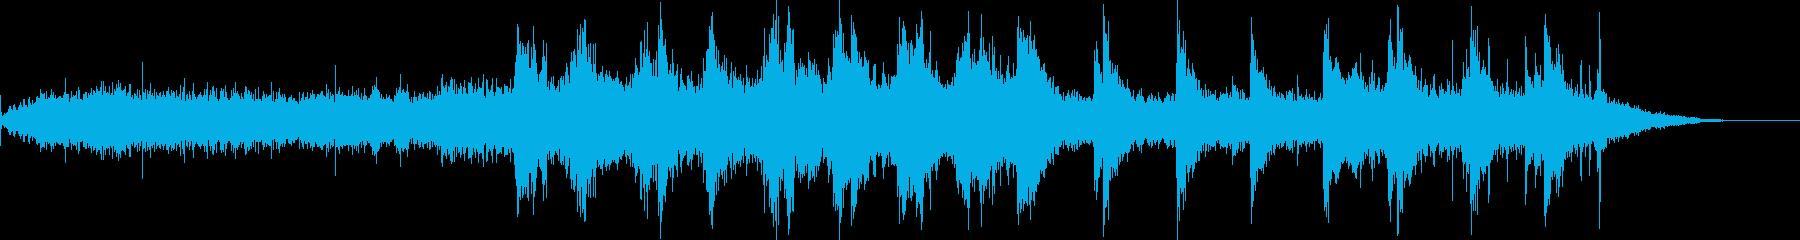 約1分音楽ーエスニックアンビエントの再生済みの波形